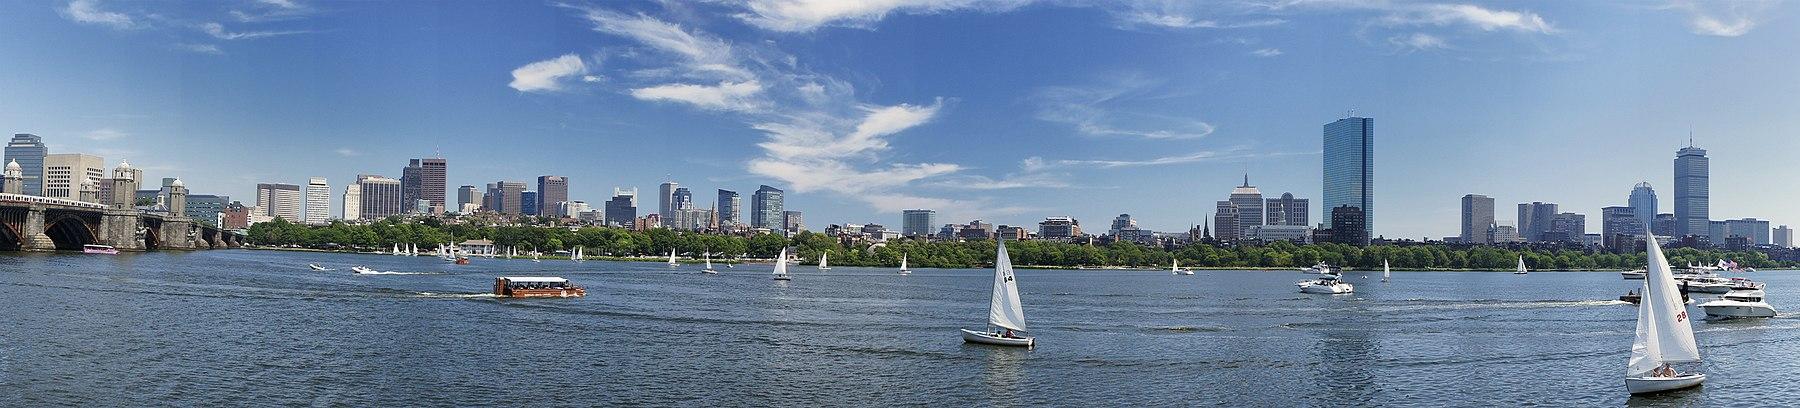 Image result for images of boston massachusetts